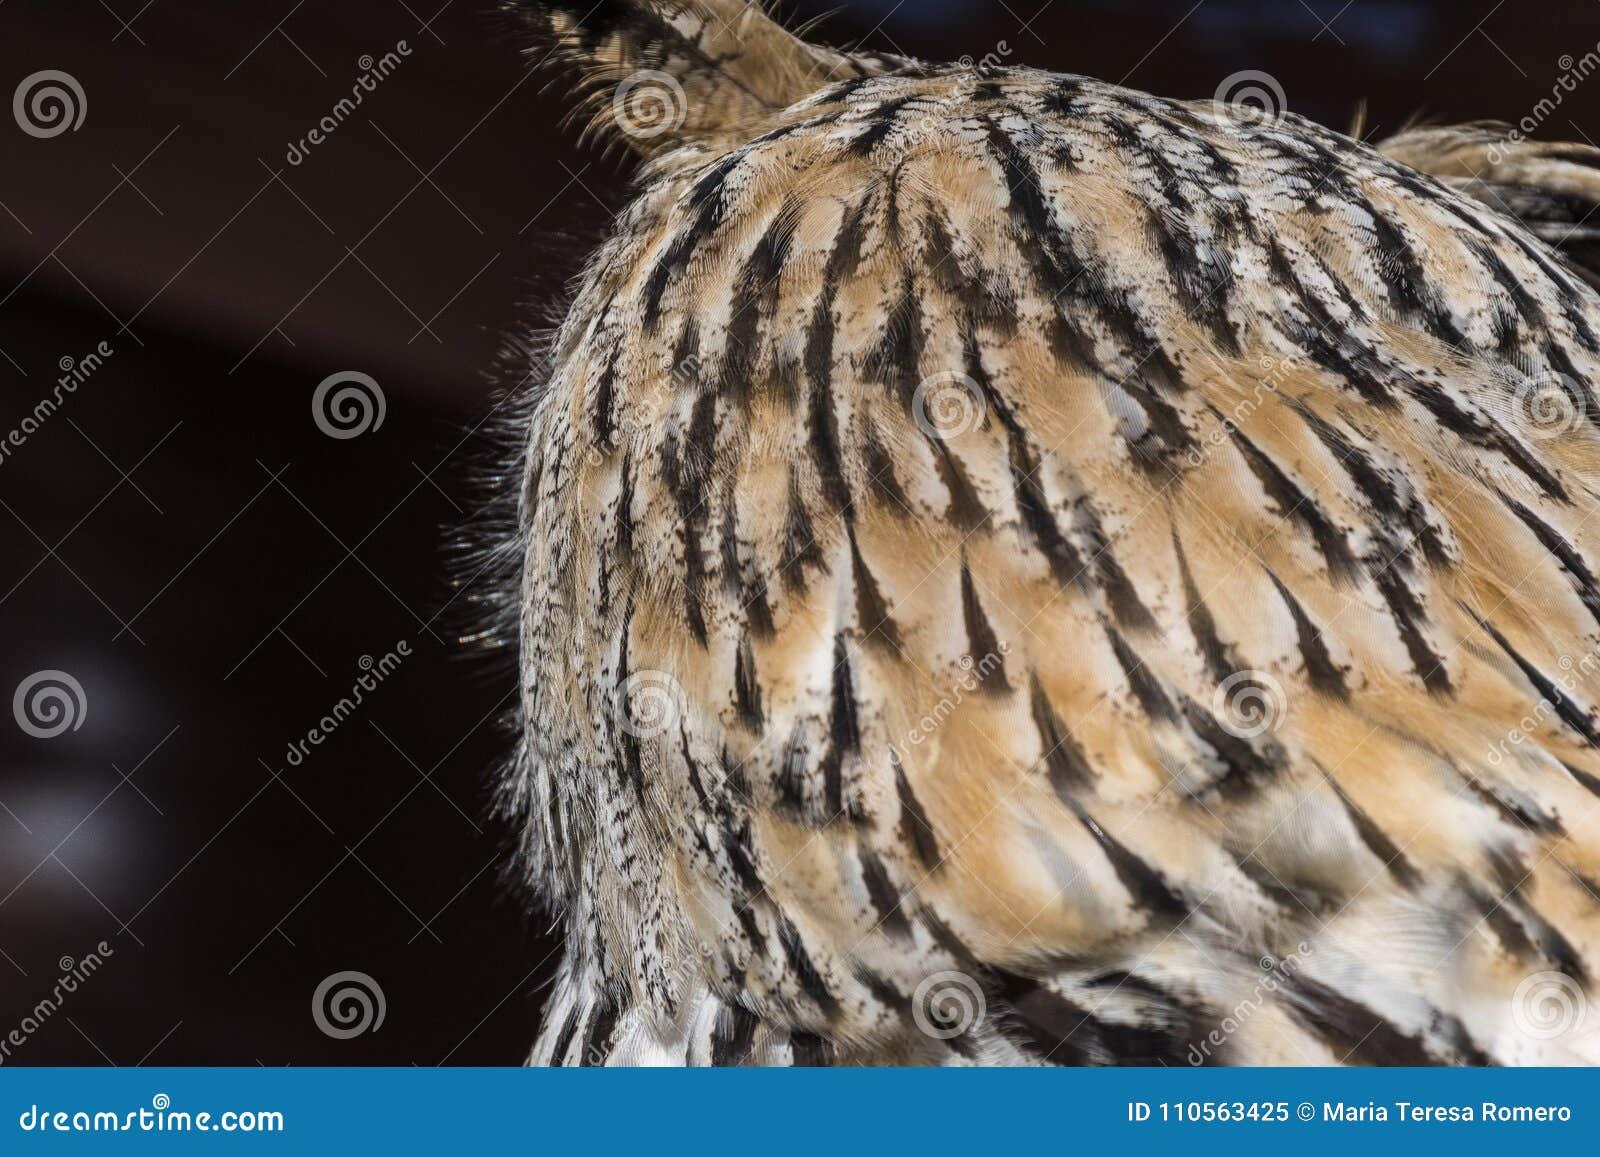 Vista de la cabeza de un búho de detrás